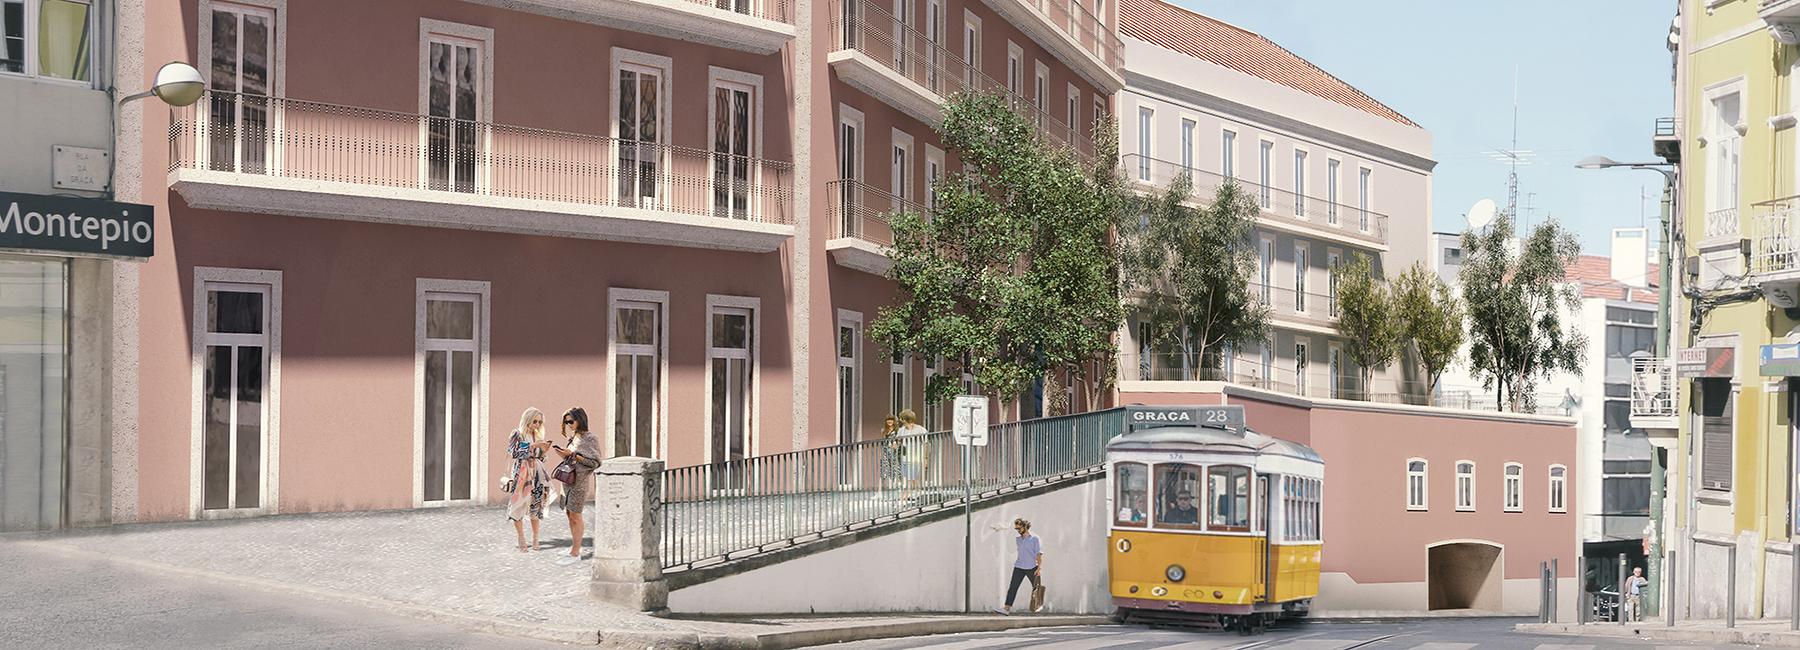 <a href='http://www.castelhana.pt/empreendimento/graca-residences-lisboa/?emp=7212597' target='_blank'>Graça Residences</a>